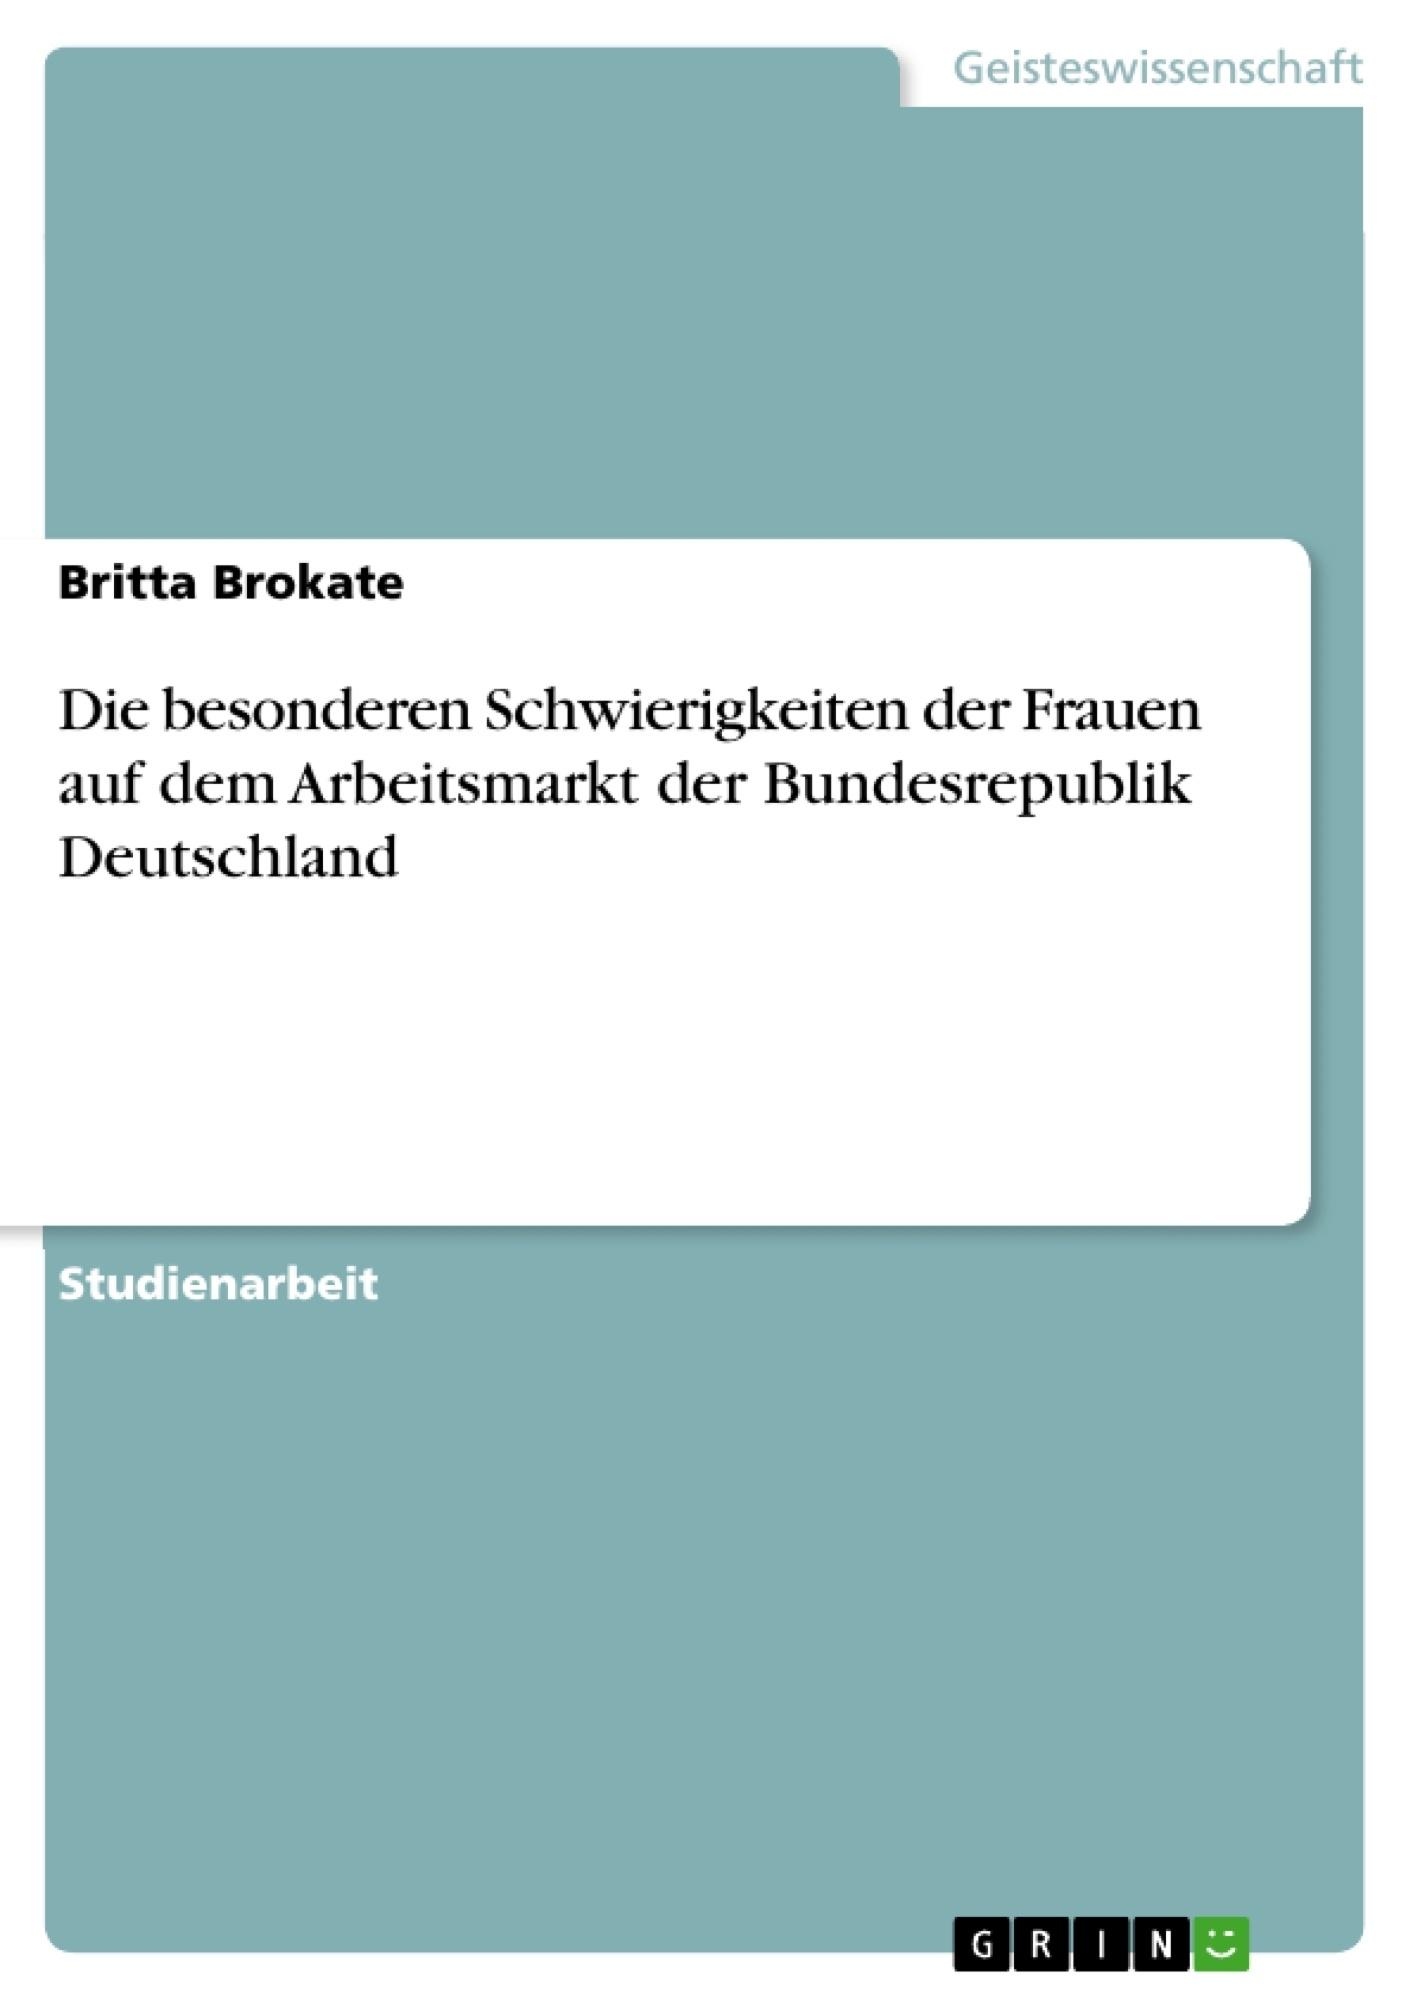 Titel: Die besonderen Schwierigkeiten der Frauen auf dem Arbeitsmarkt der Bundesrepublik Deutschland